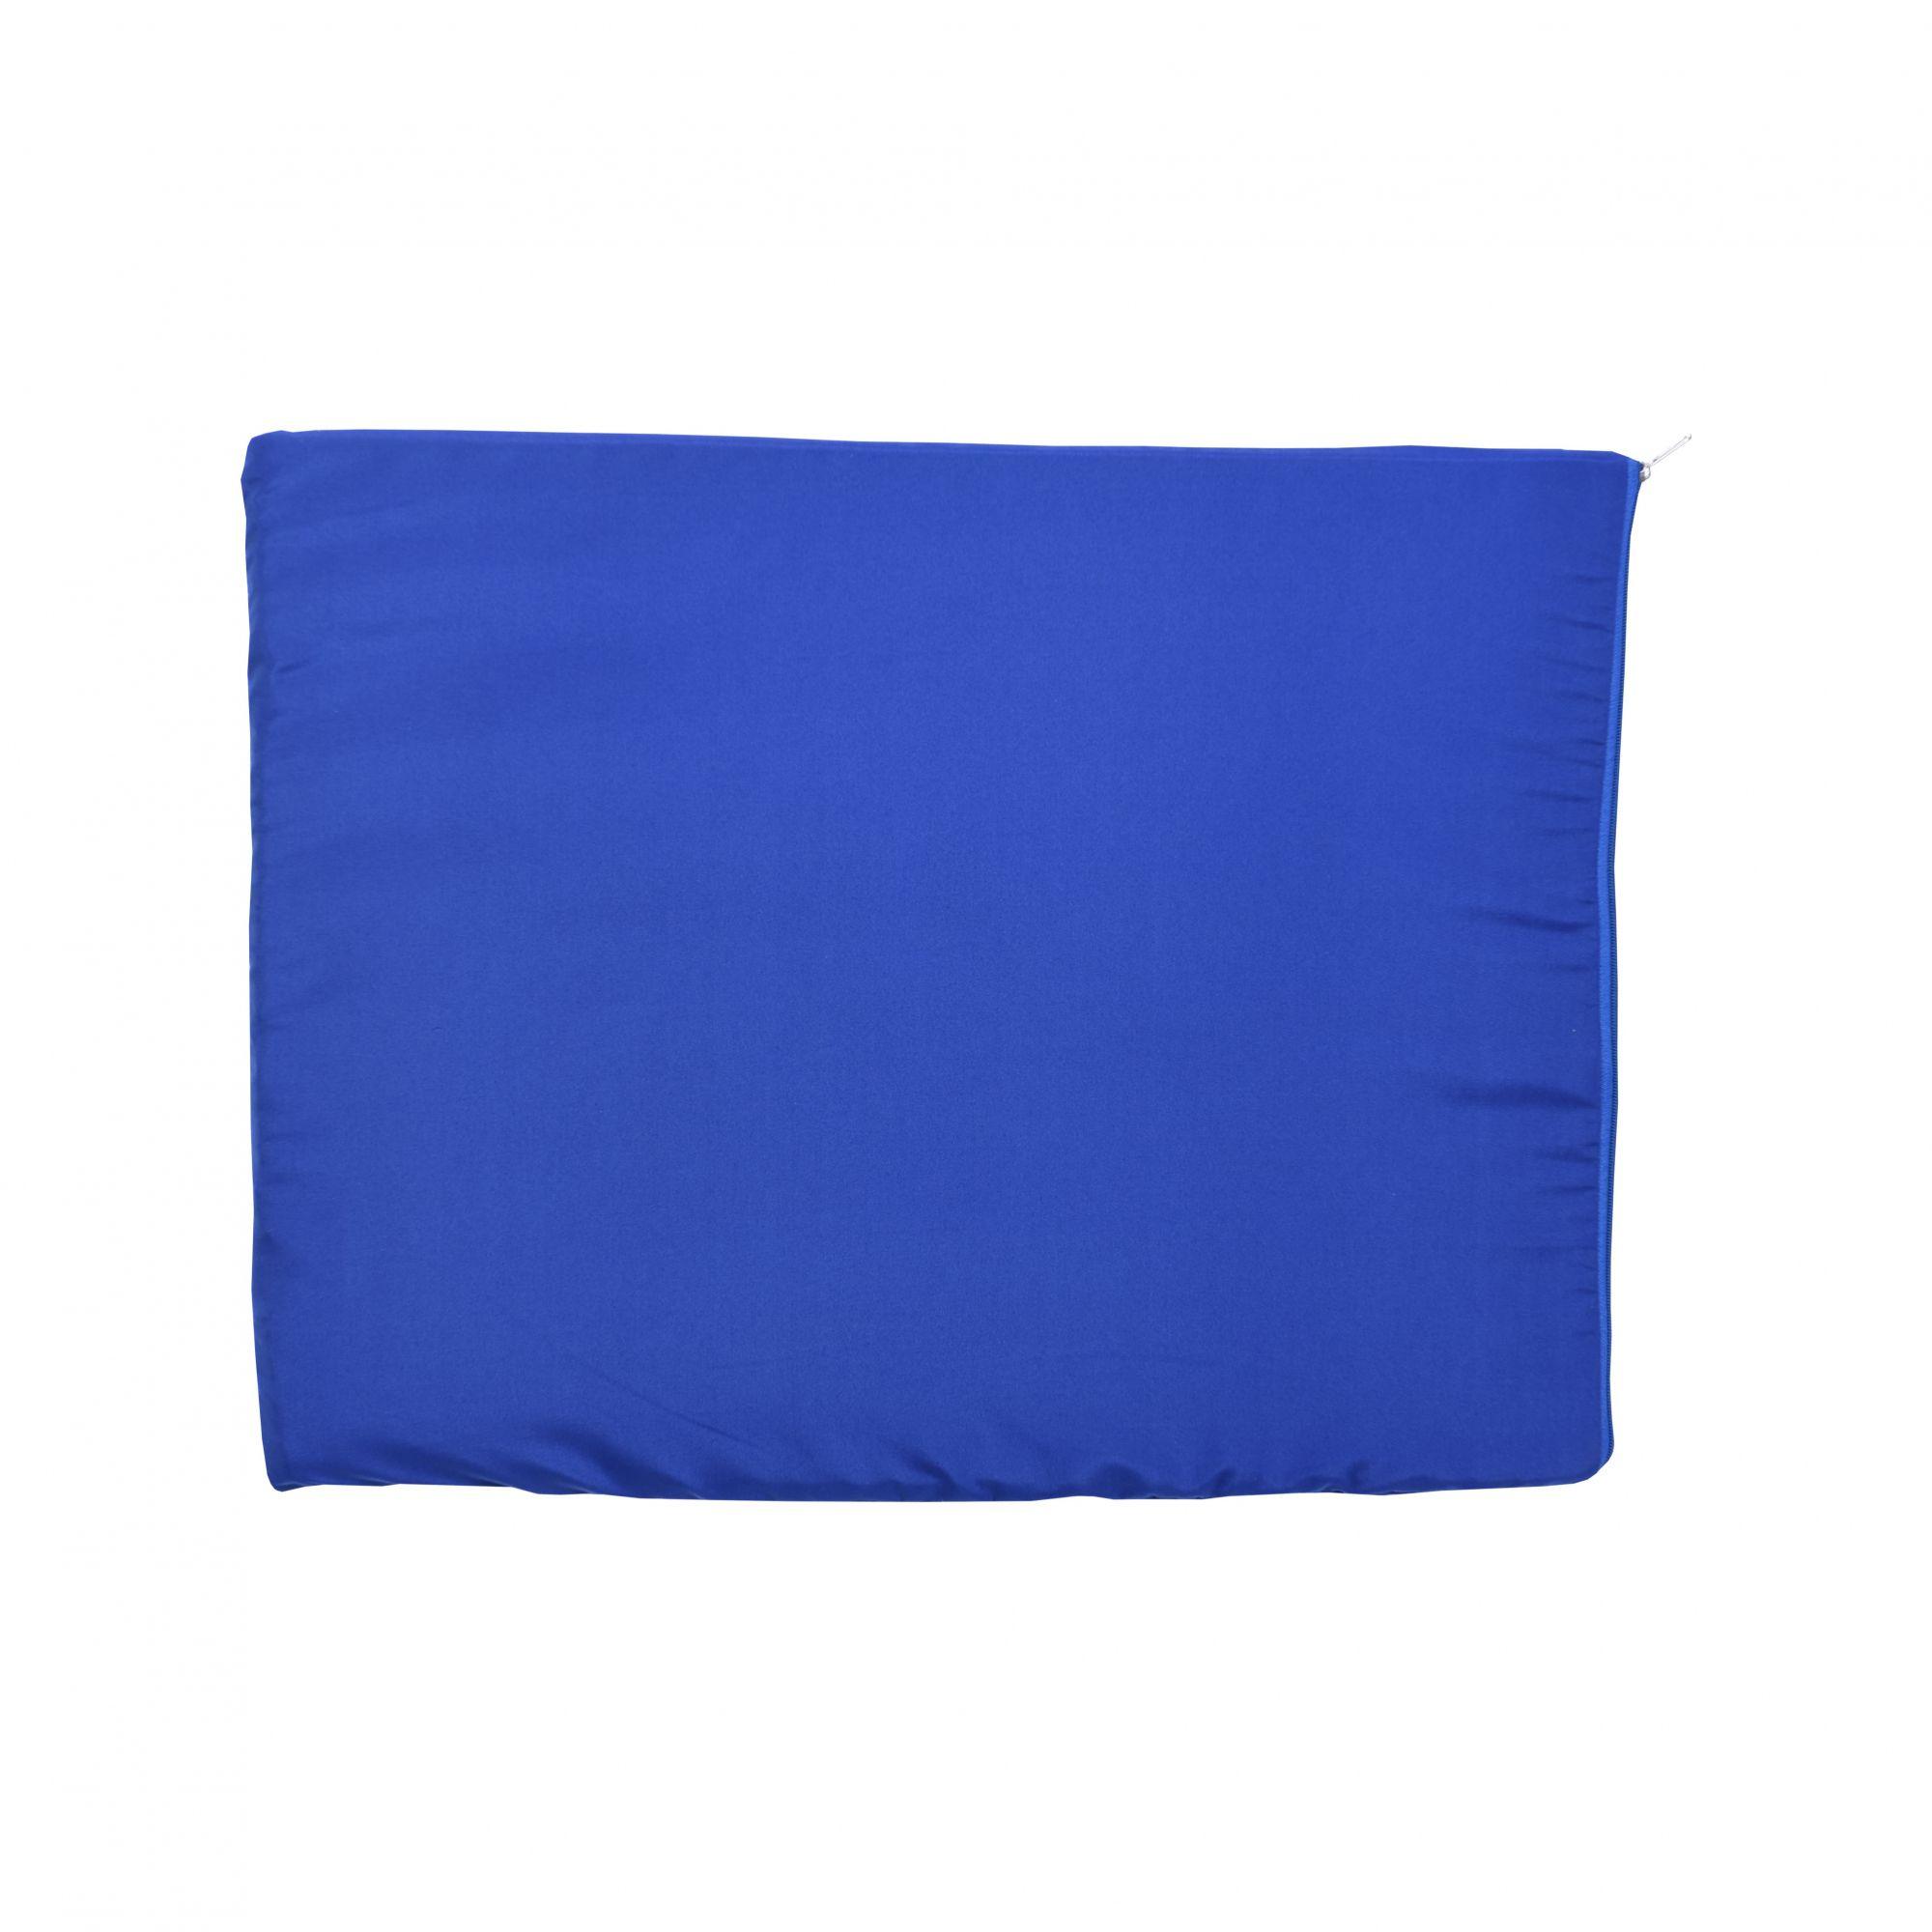 Kit Casinha Ecológica n. 05 com Colchonete Azul e placa de nome